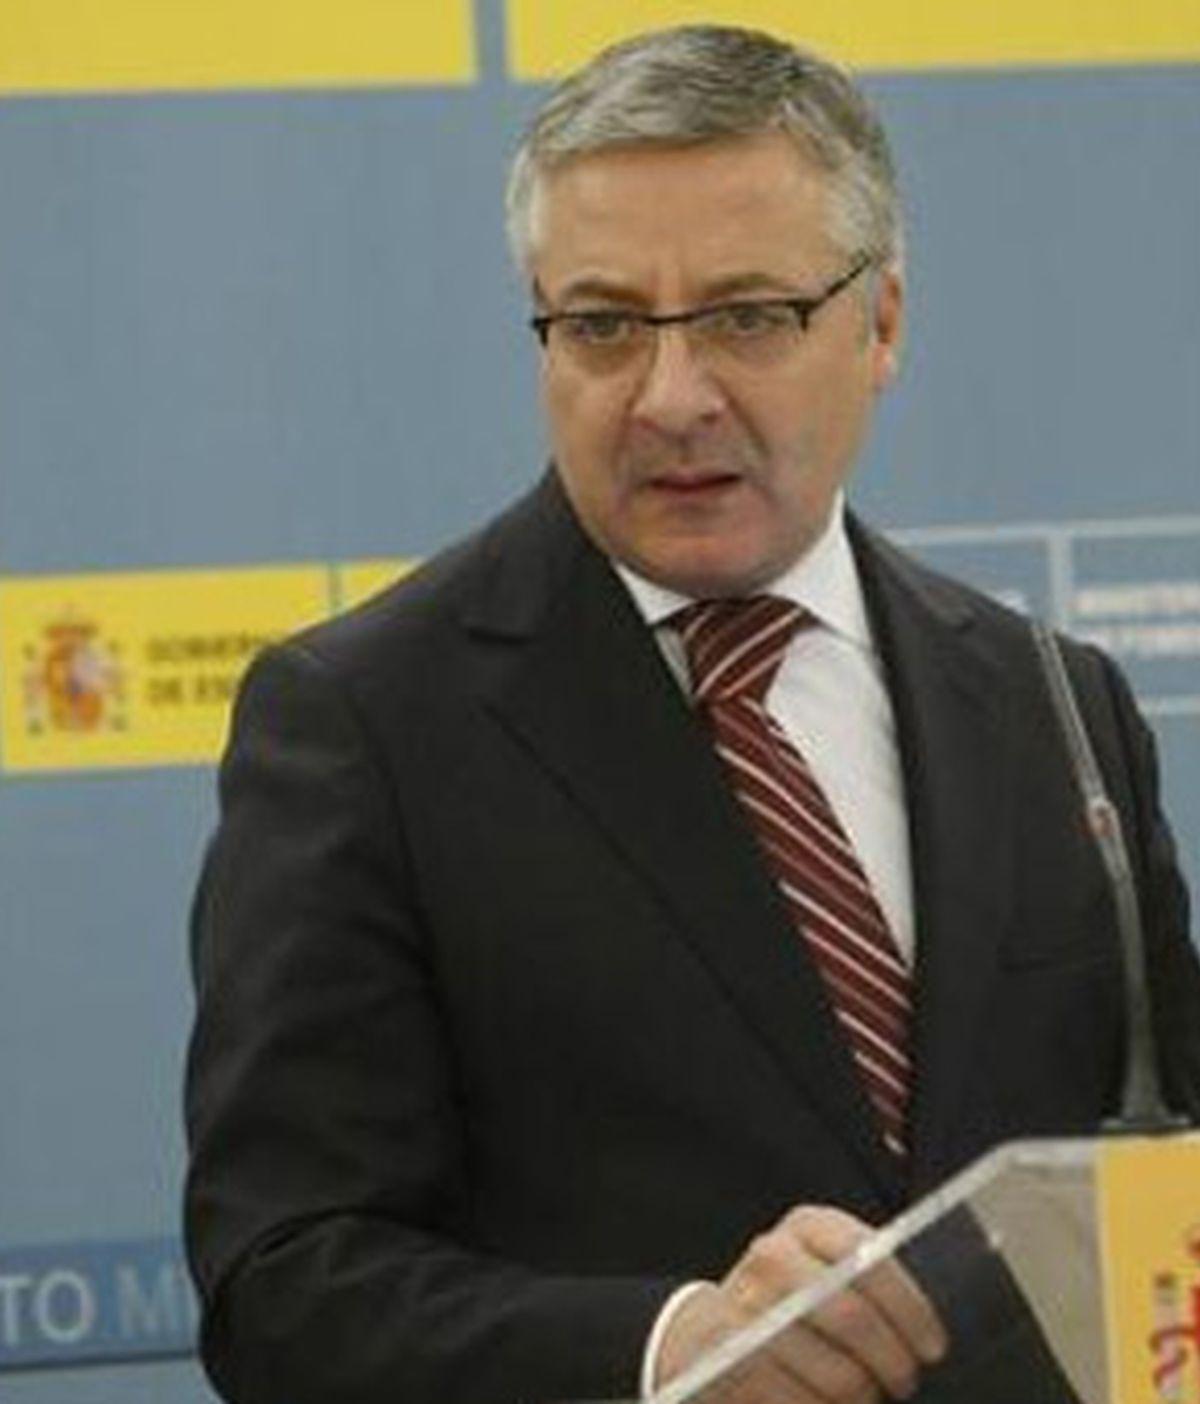 El ministro de Fomento ha declarado que AENA ha abierto 442 expedientes disciplinarios. Foto: EFE